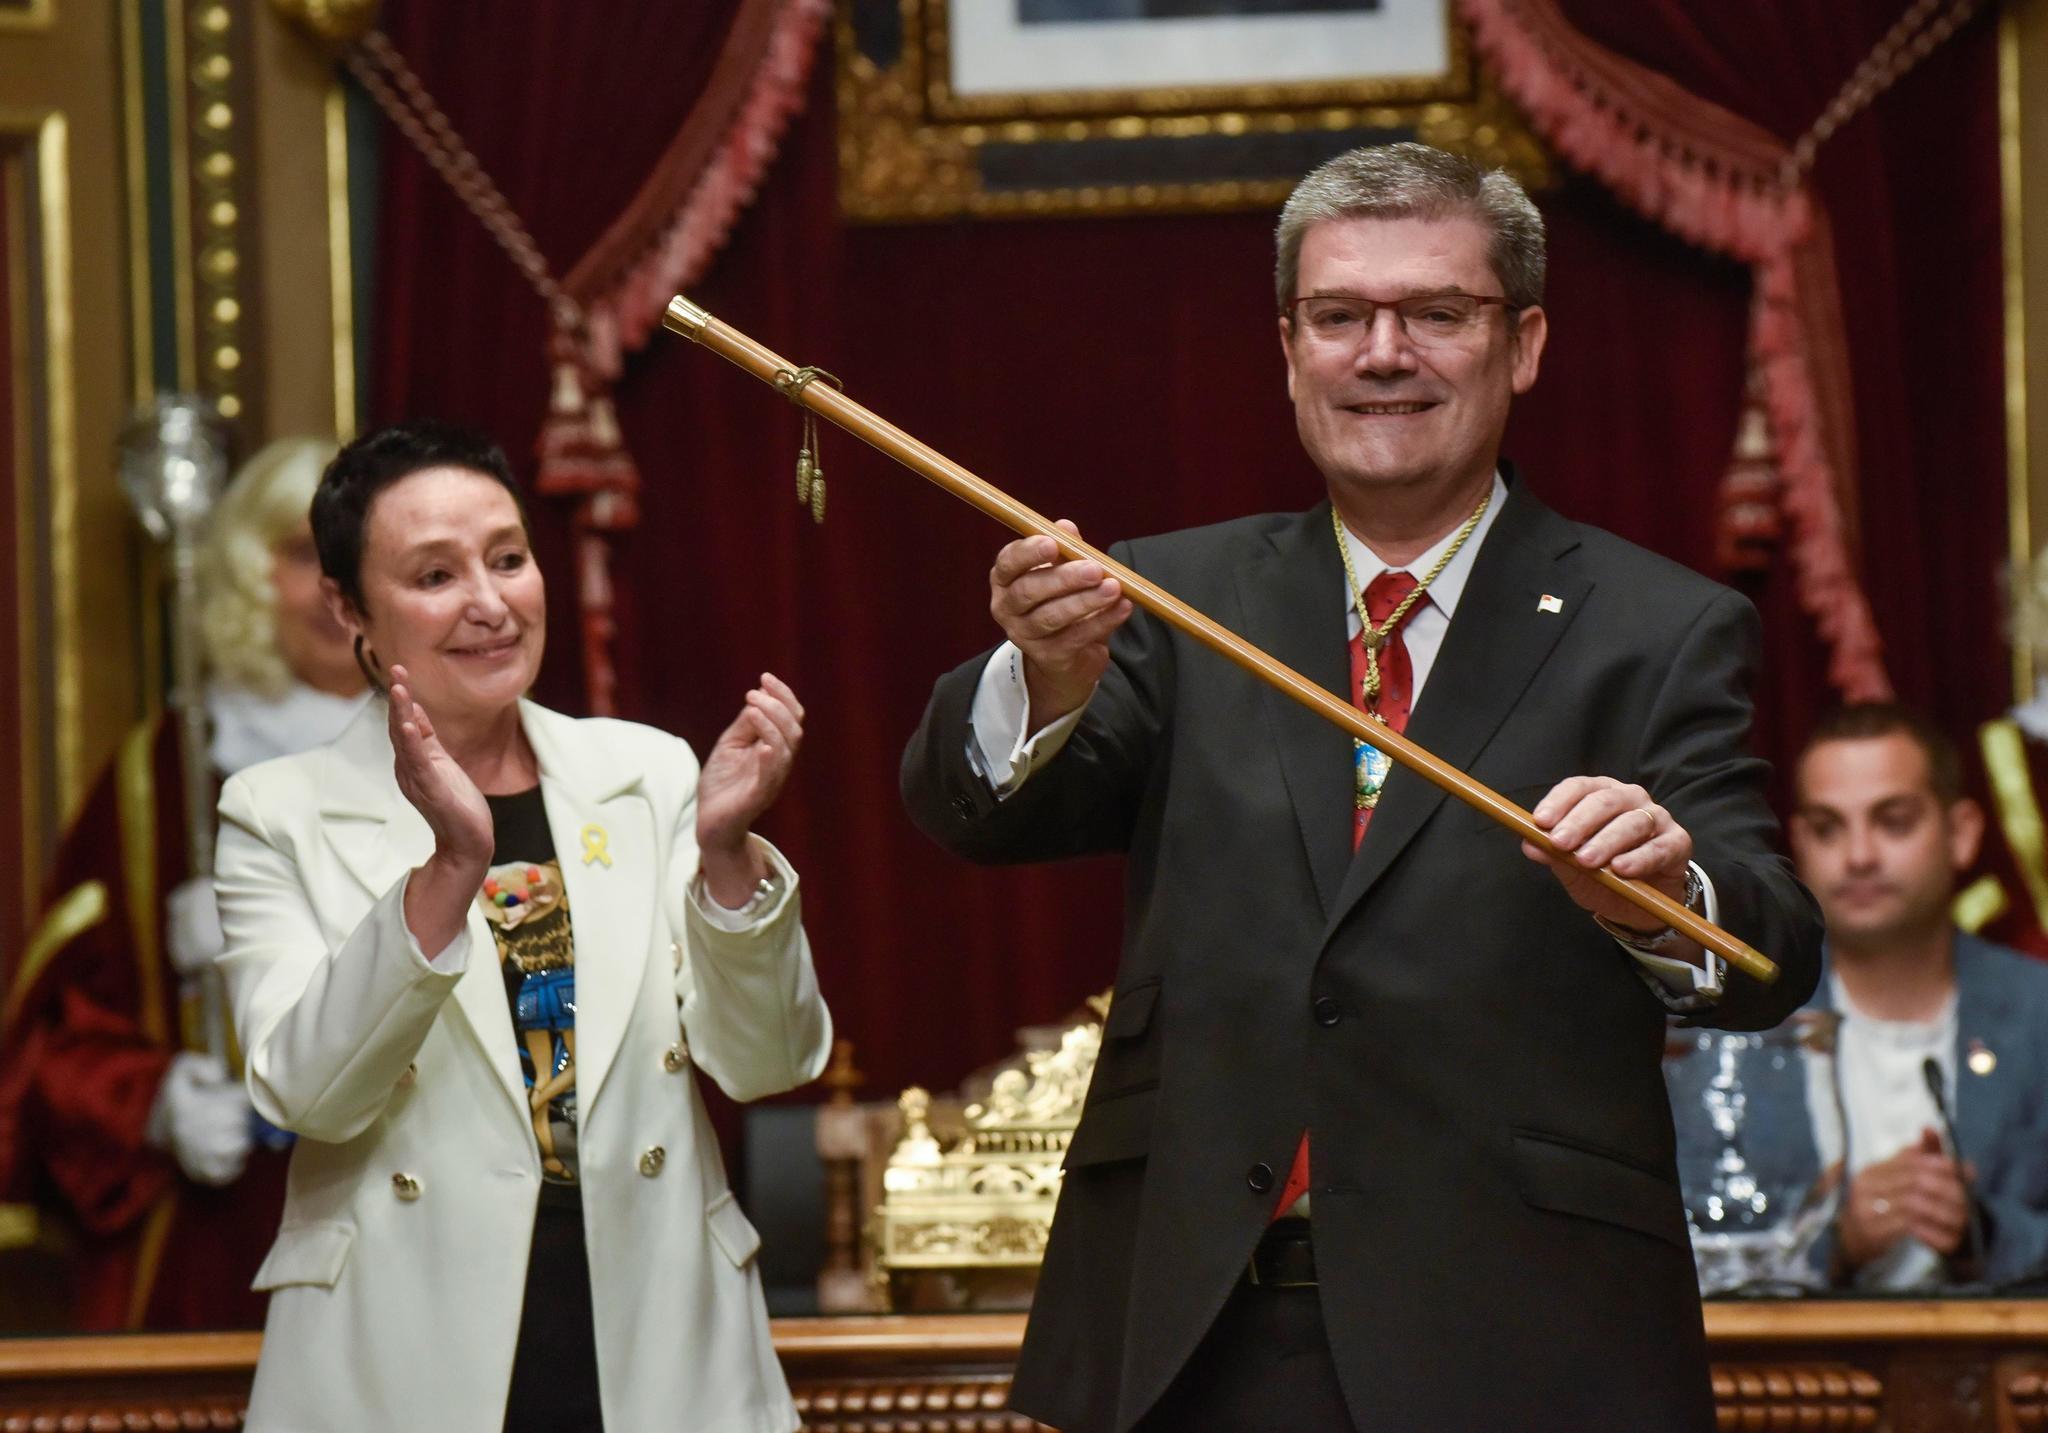 El alcalde de Bilbao, Juan María Aburto, con la makila de mando.